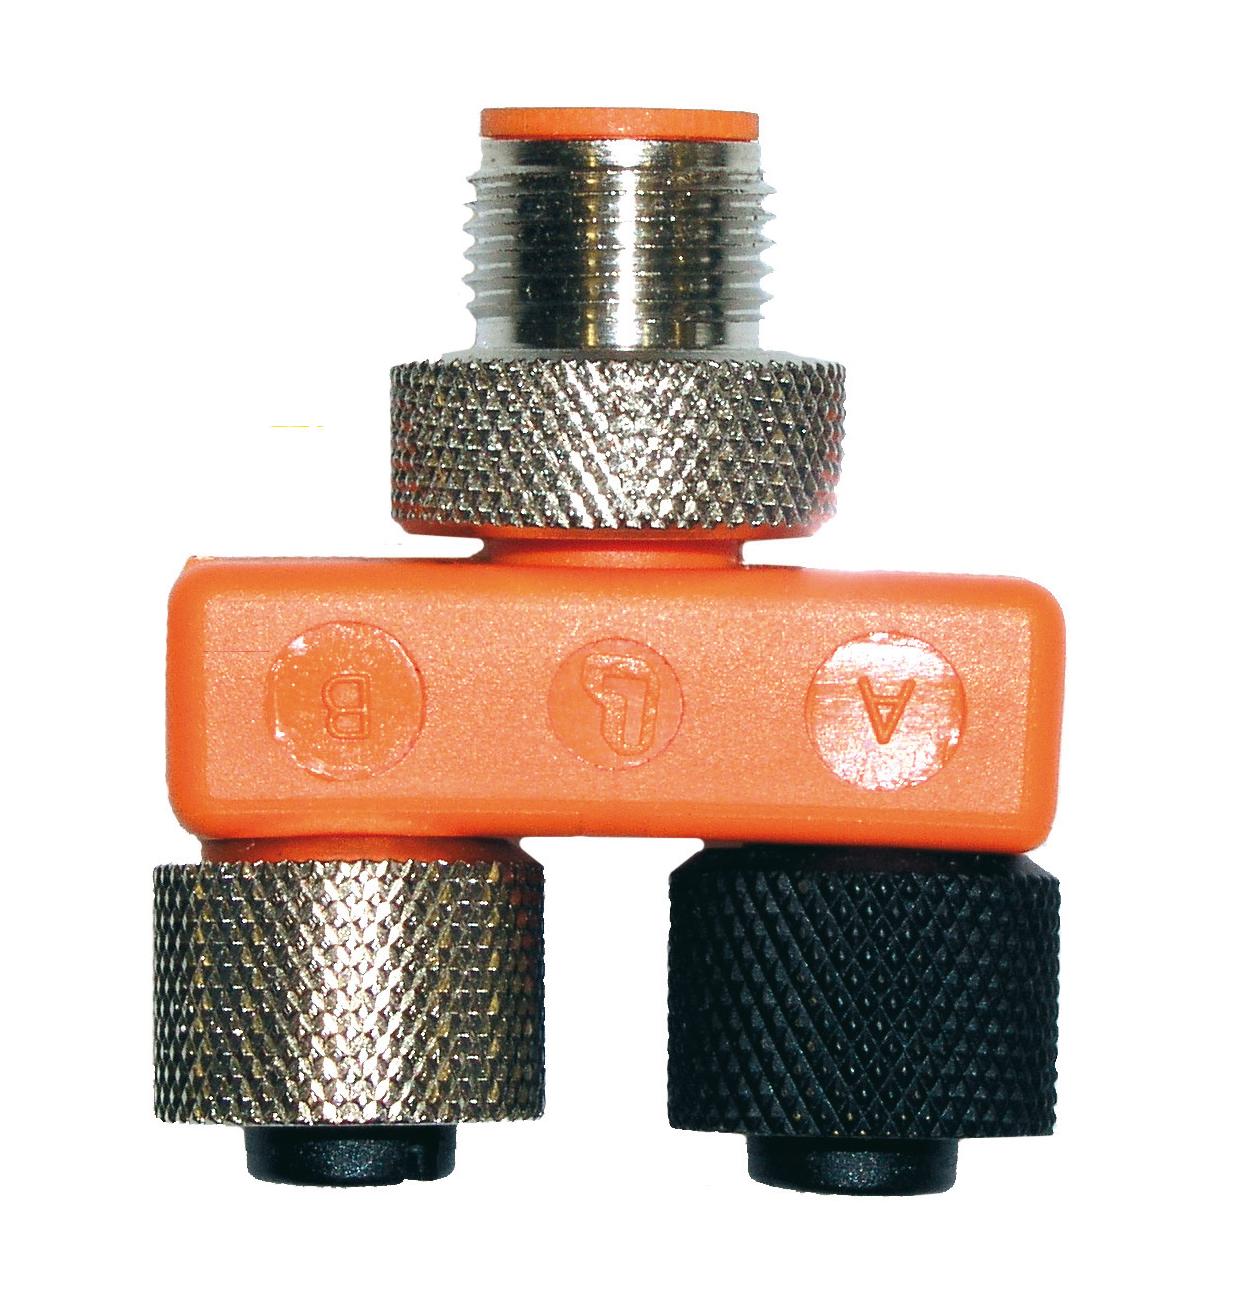 T-Stecker für Shutteranschluss für PUK Optikeinheit + Mikroskop